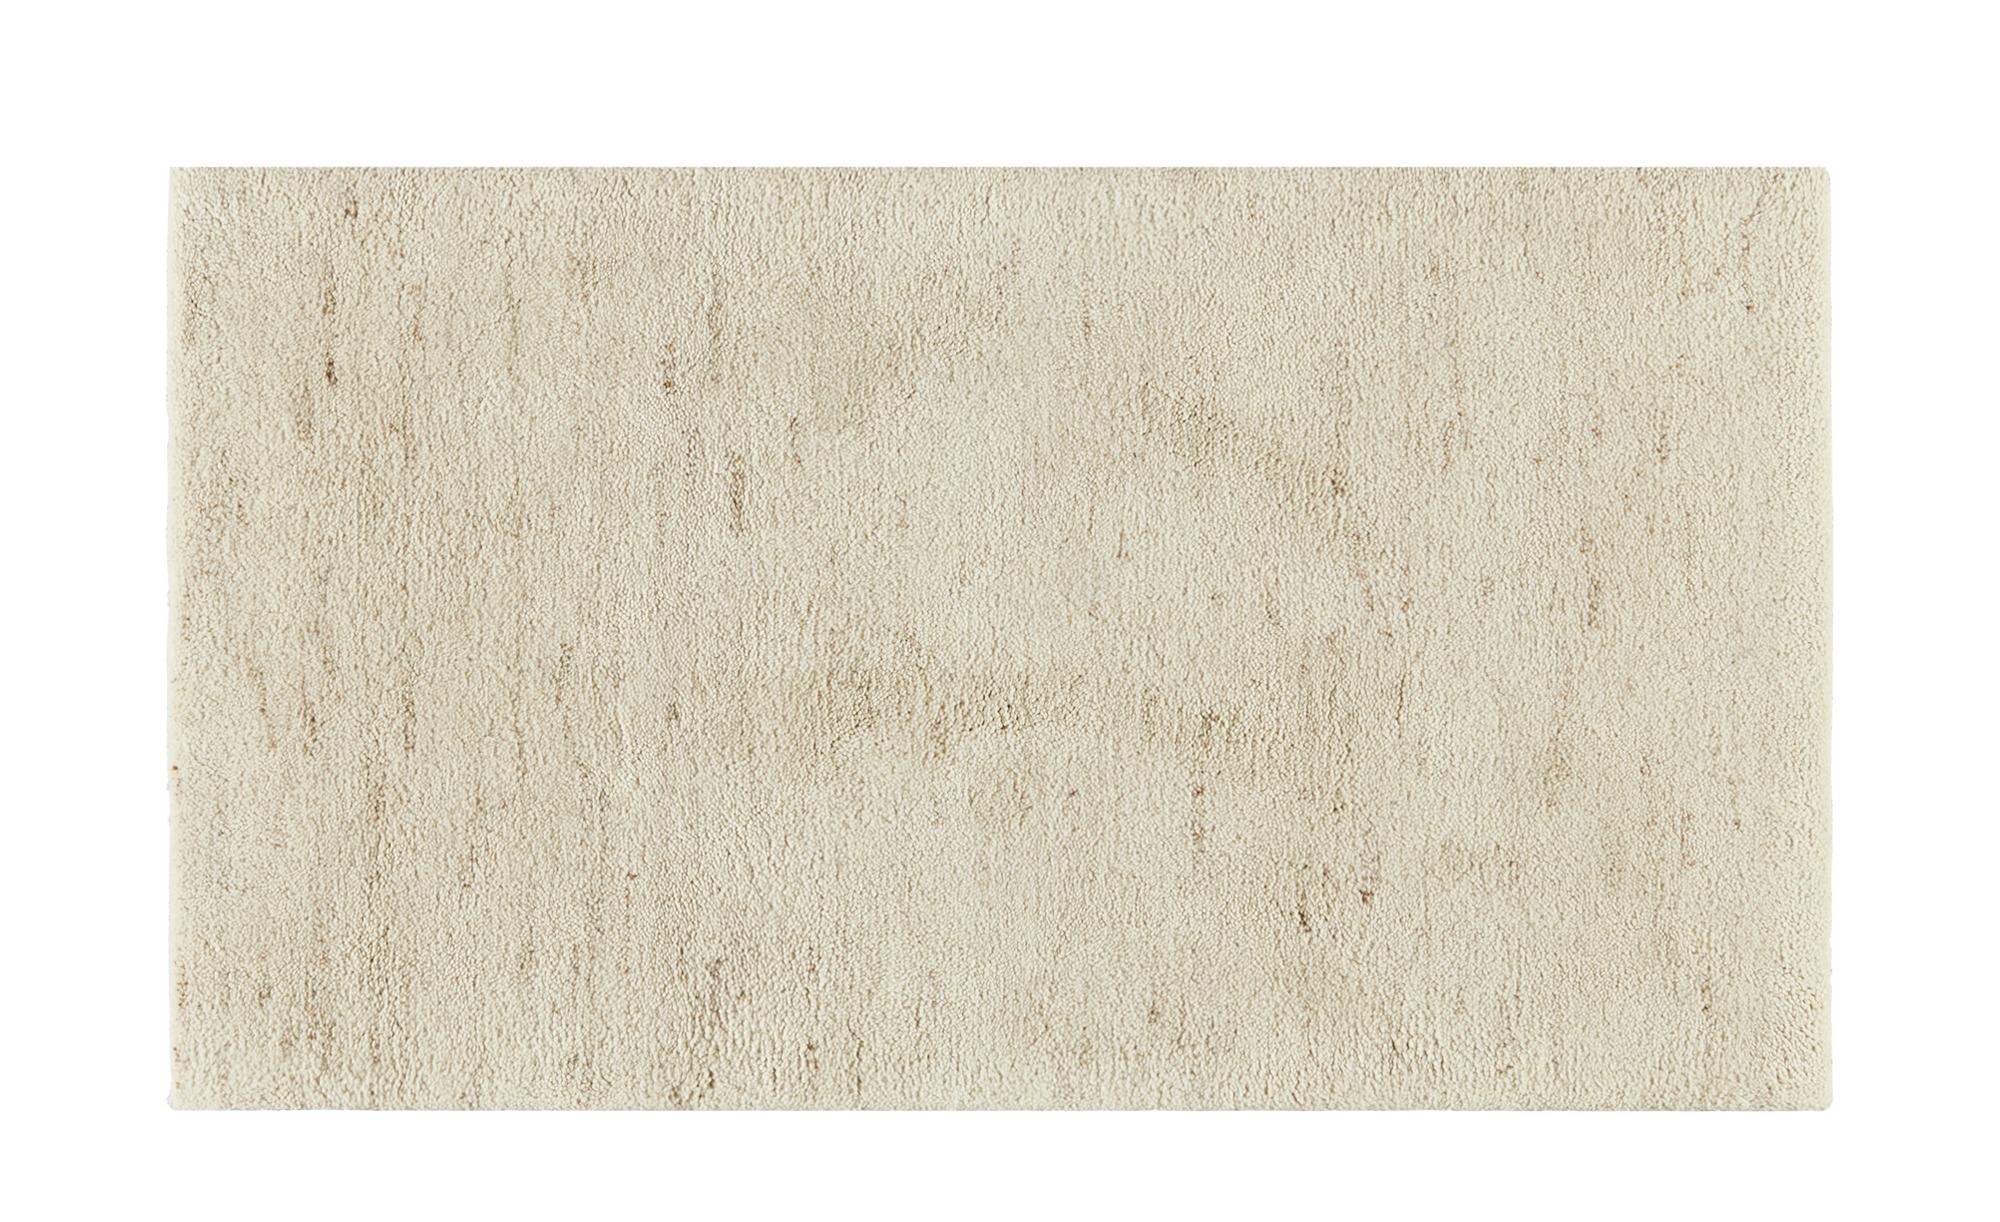 Berber-Teppich  Marrakesh double ¦ creme ¦ 100 % Wolle, Wolle ¦ Maße (cm): B: 70 Teppiche > Wohnteppiche > Naturteppiche - Höffner | Heimtextilien > Teppiche > Berberteppiche | Möbel Höffner DE